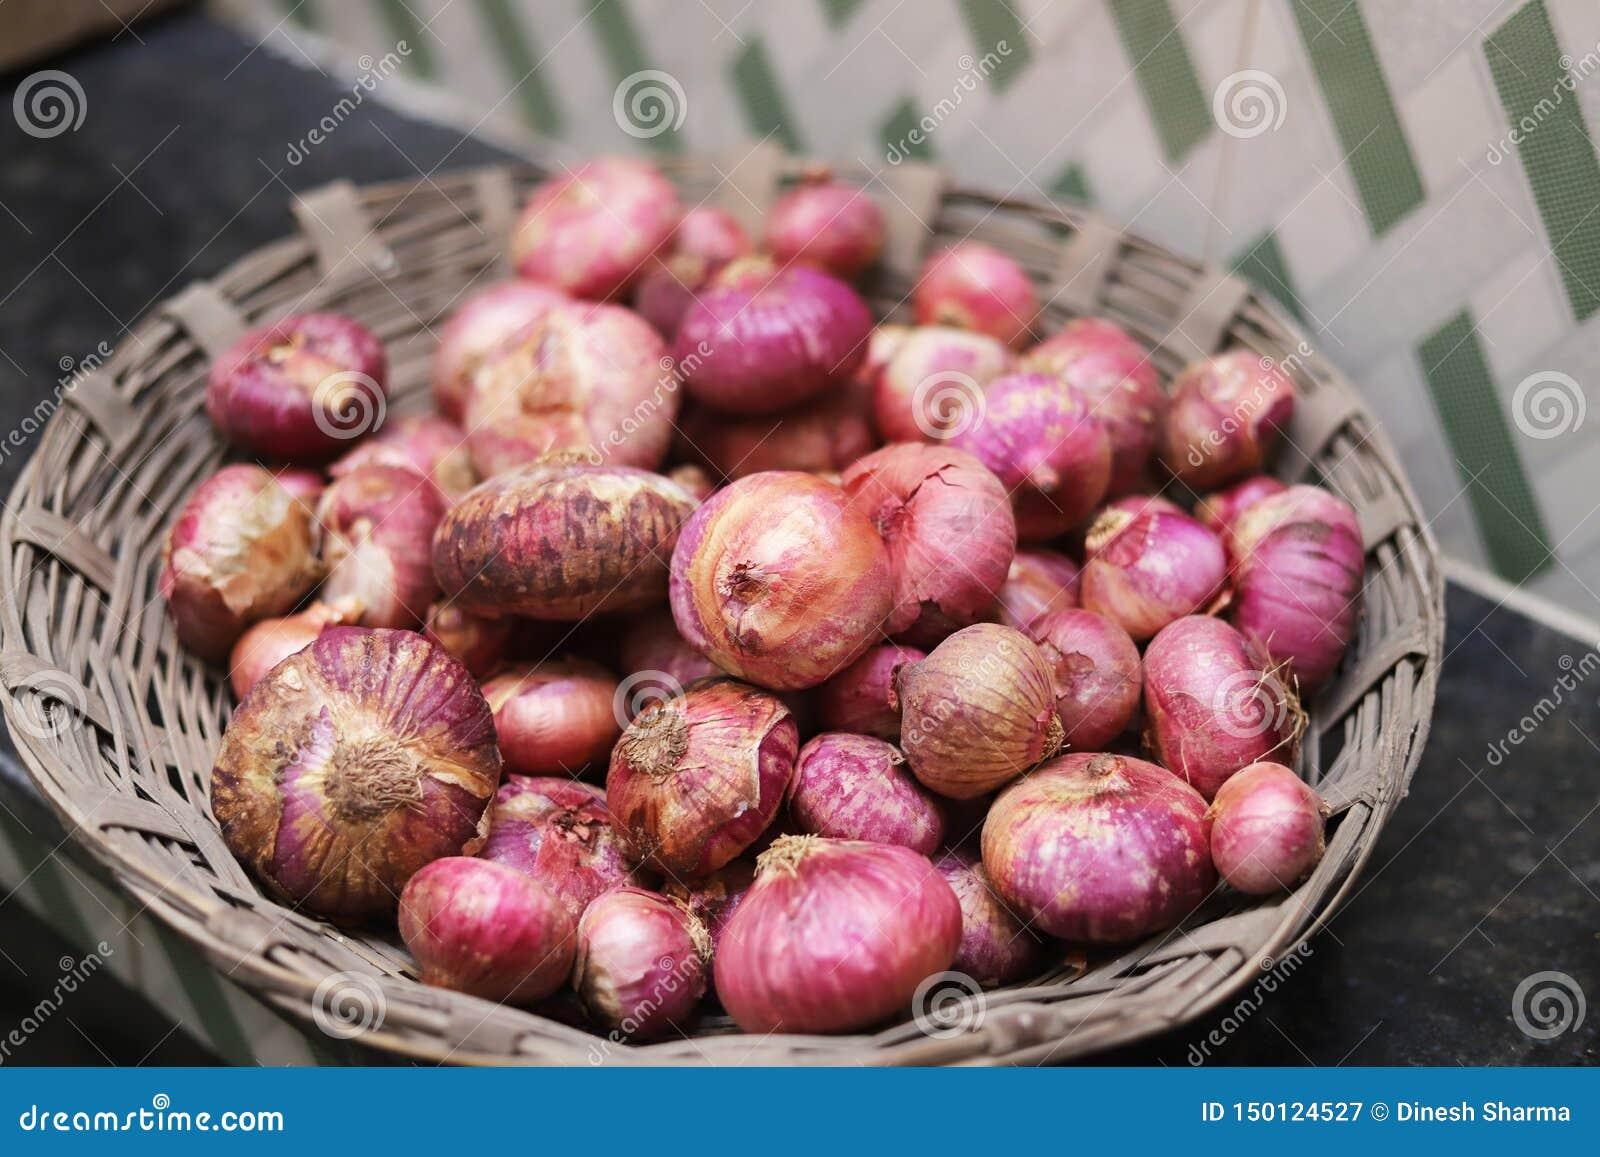 La cebolla es el nombre del fabricante sabroso de la comida